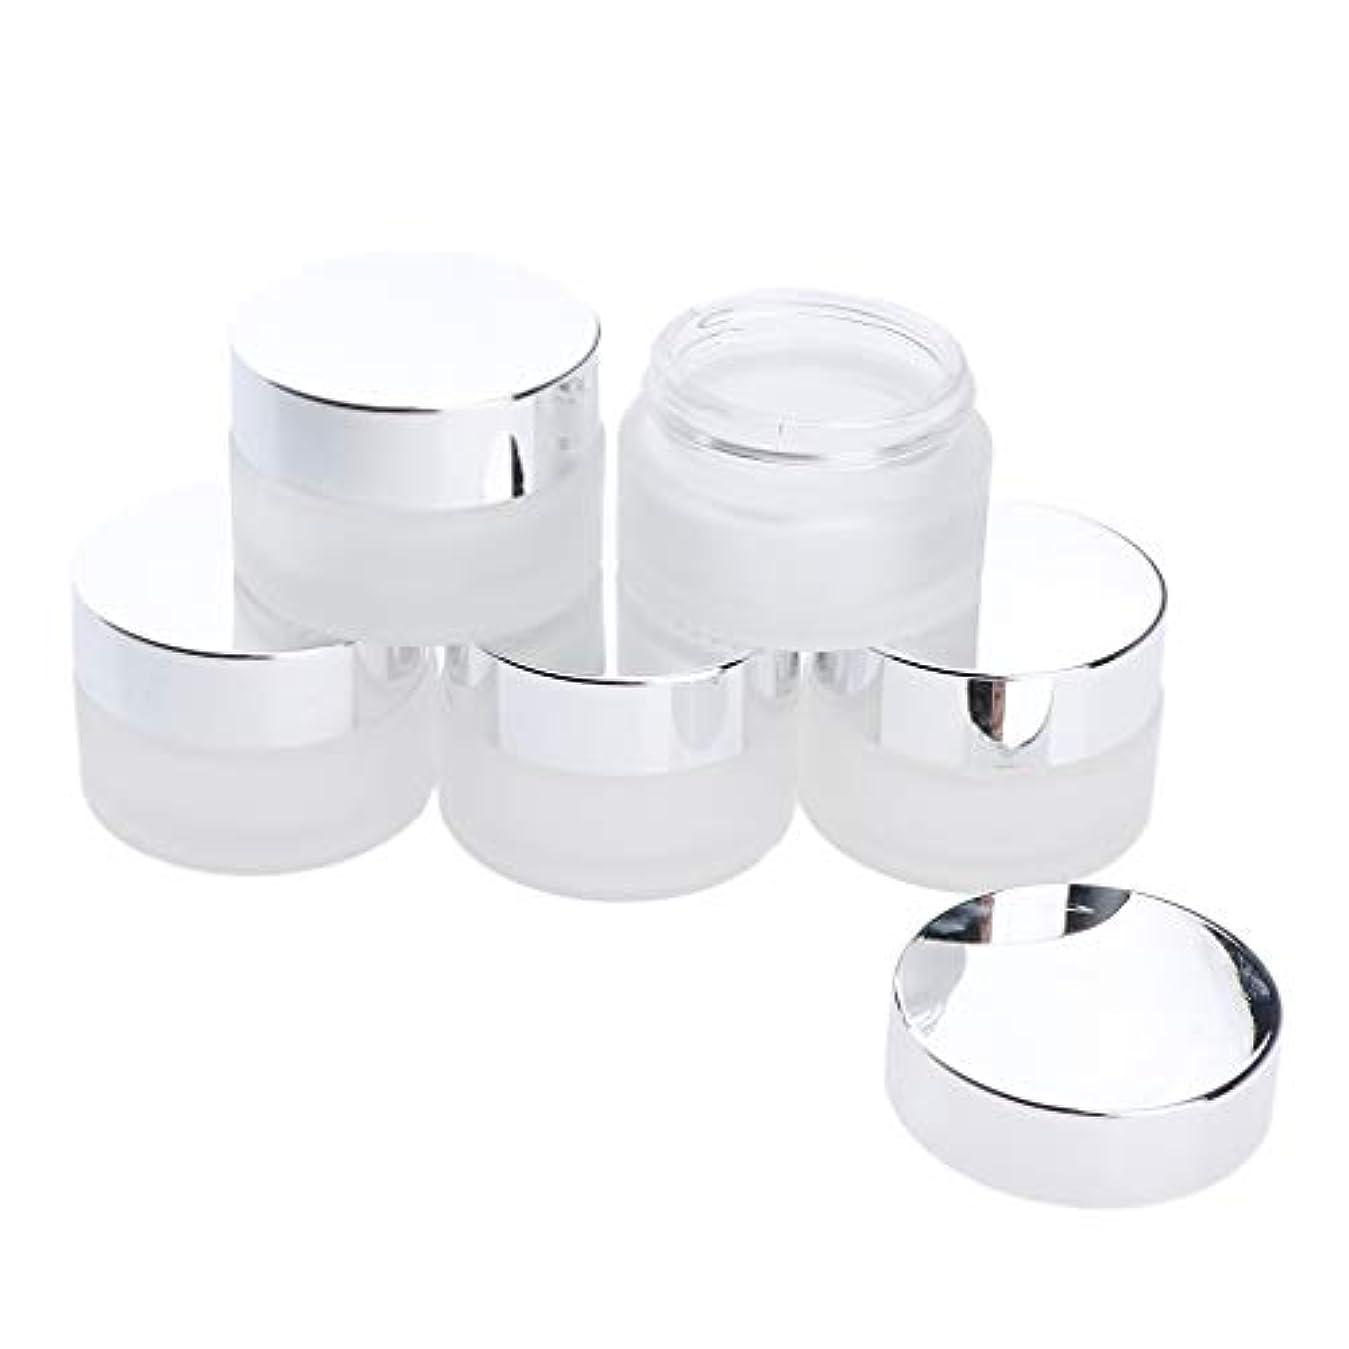 毎週正気詩人5本 ガラス瓶 メイクアップ フェイスクリーム オイル DIY 小分け容器 2サイズ選べ - 20g